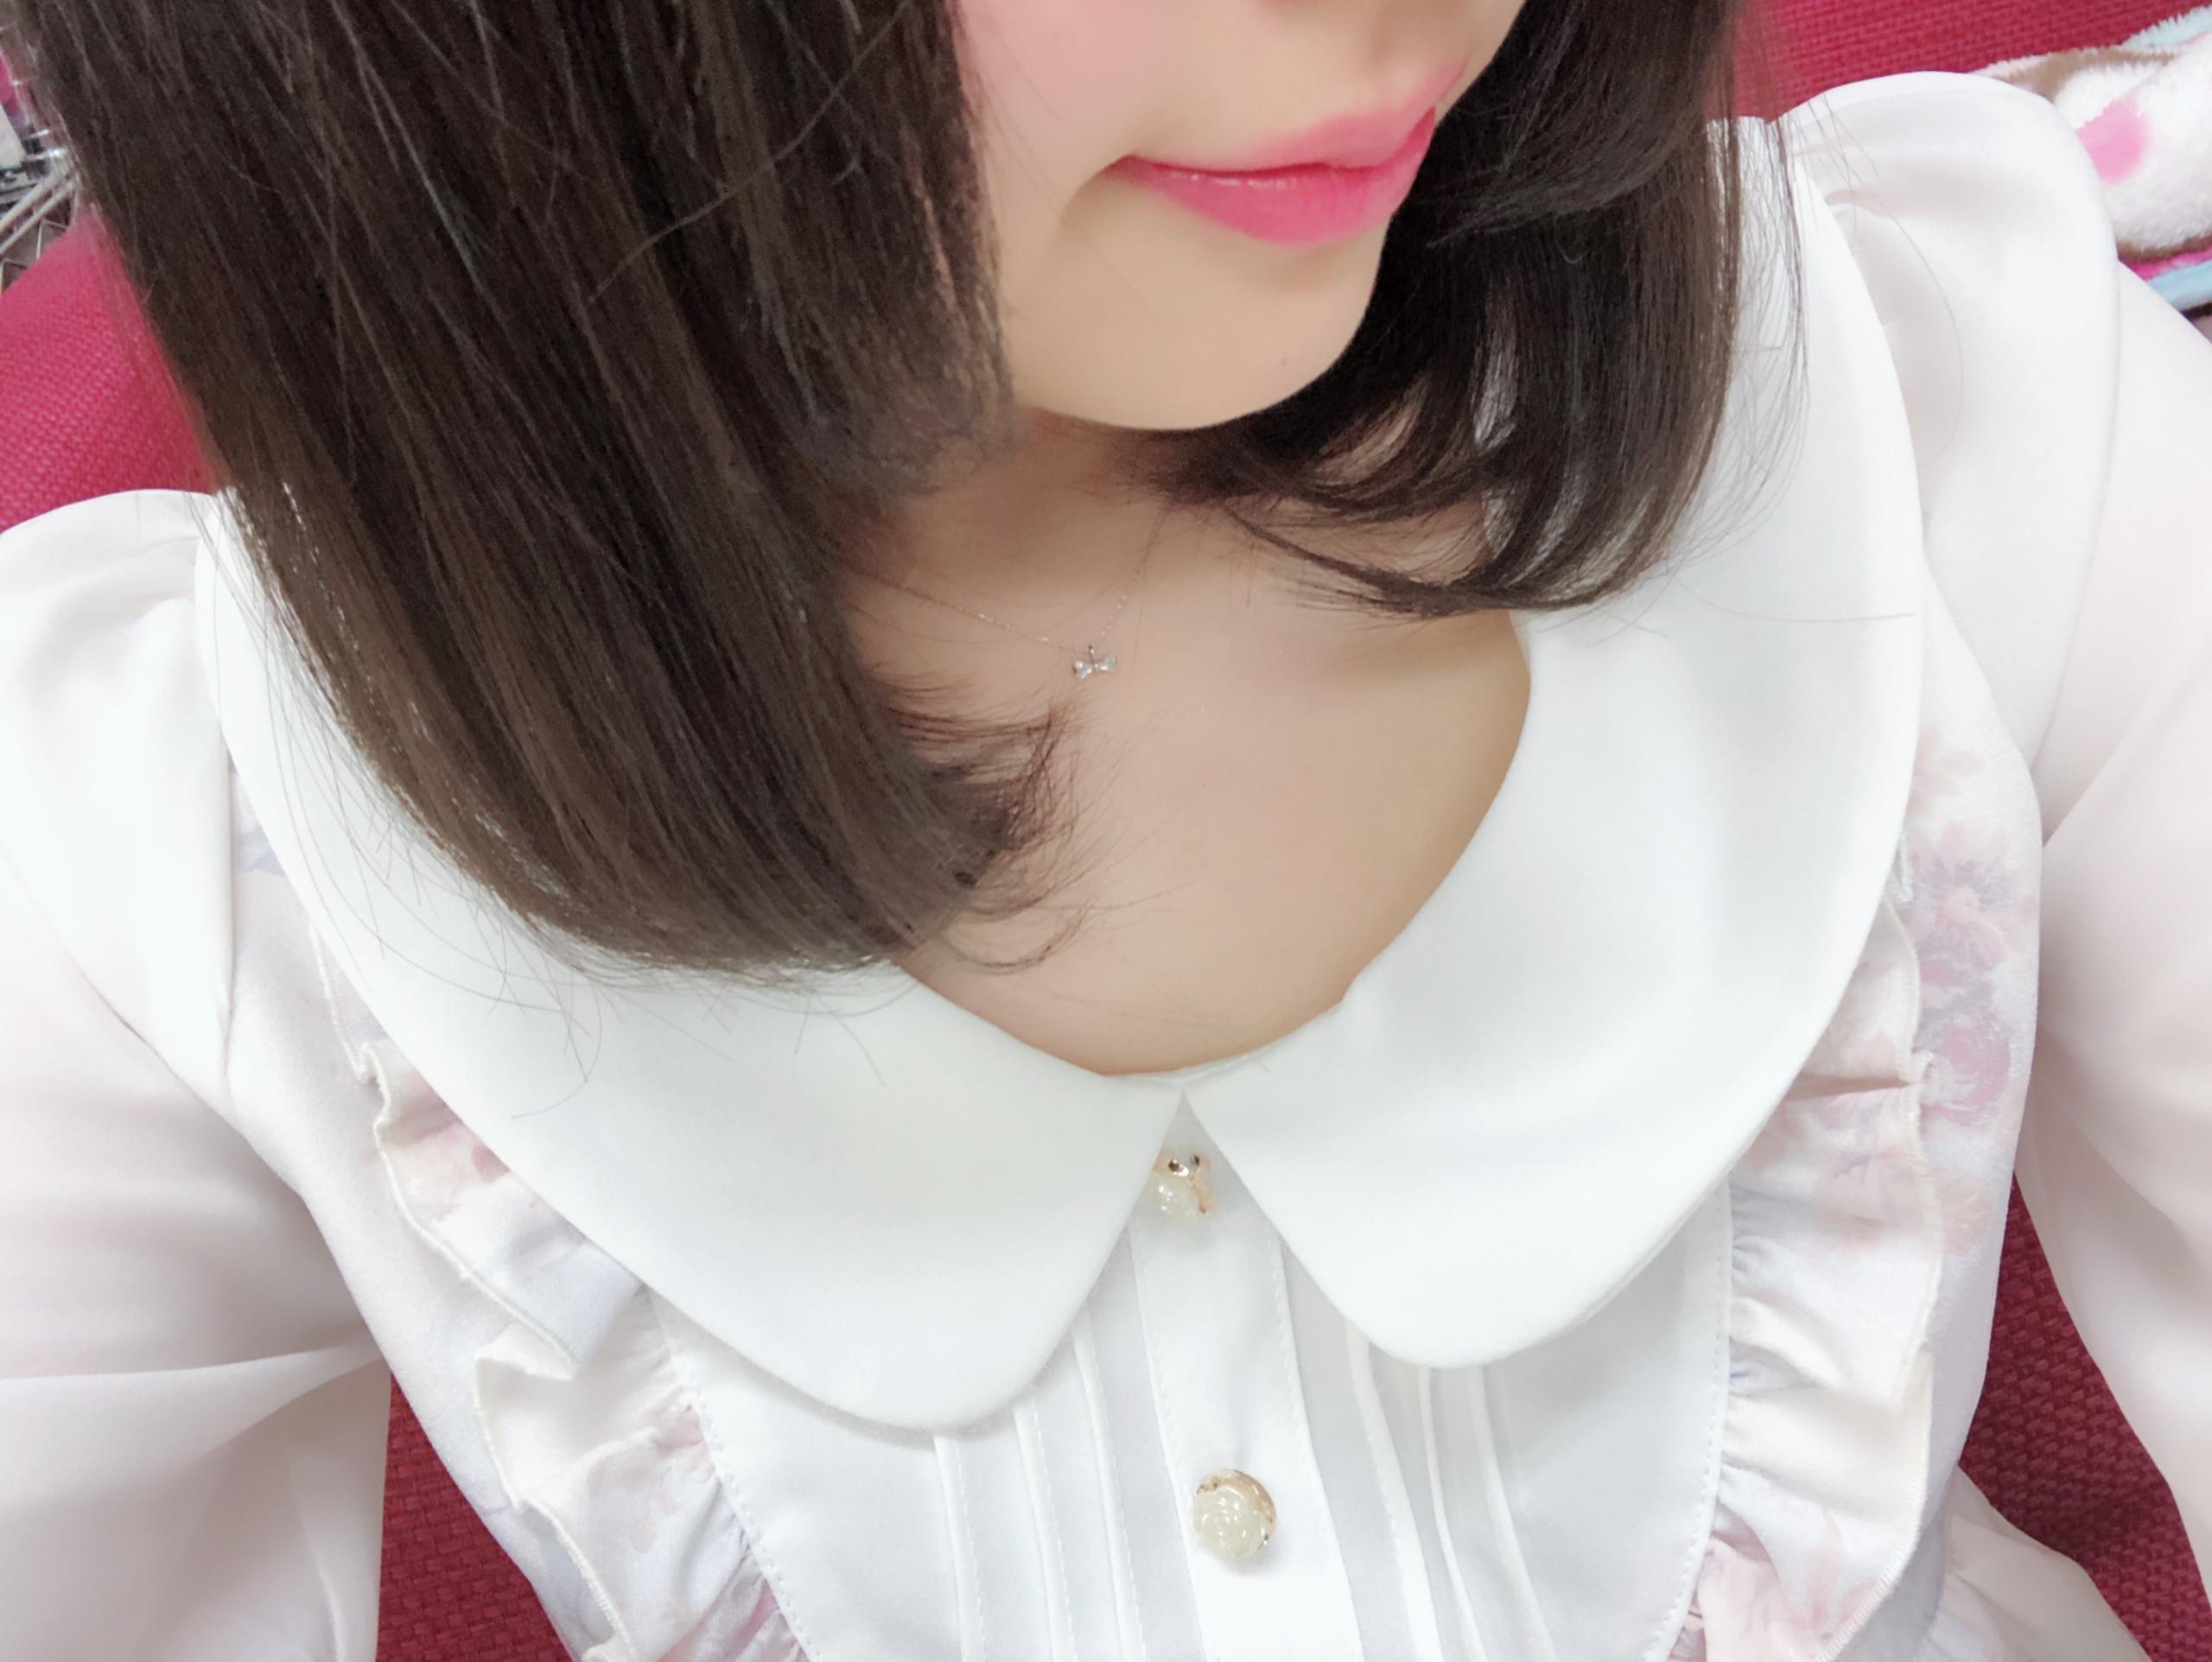 チアキ「♡おやすみ♡」05/23(水) 22:52 | チアキの写メ・風俗動画